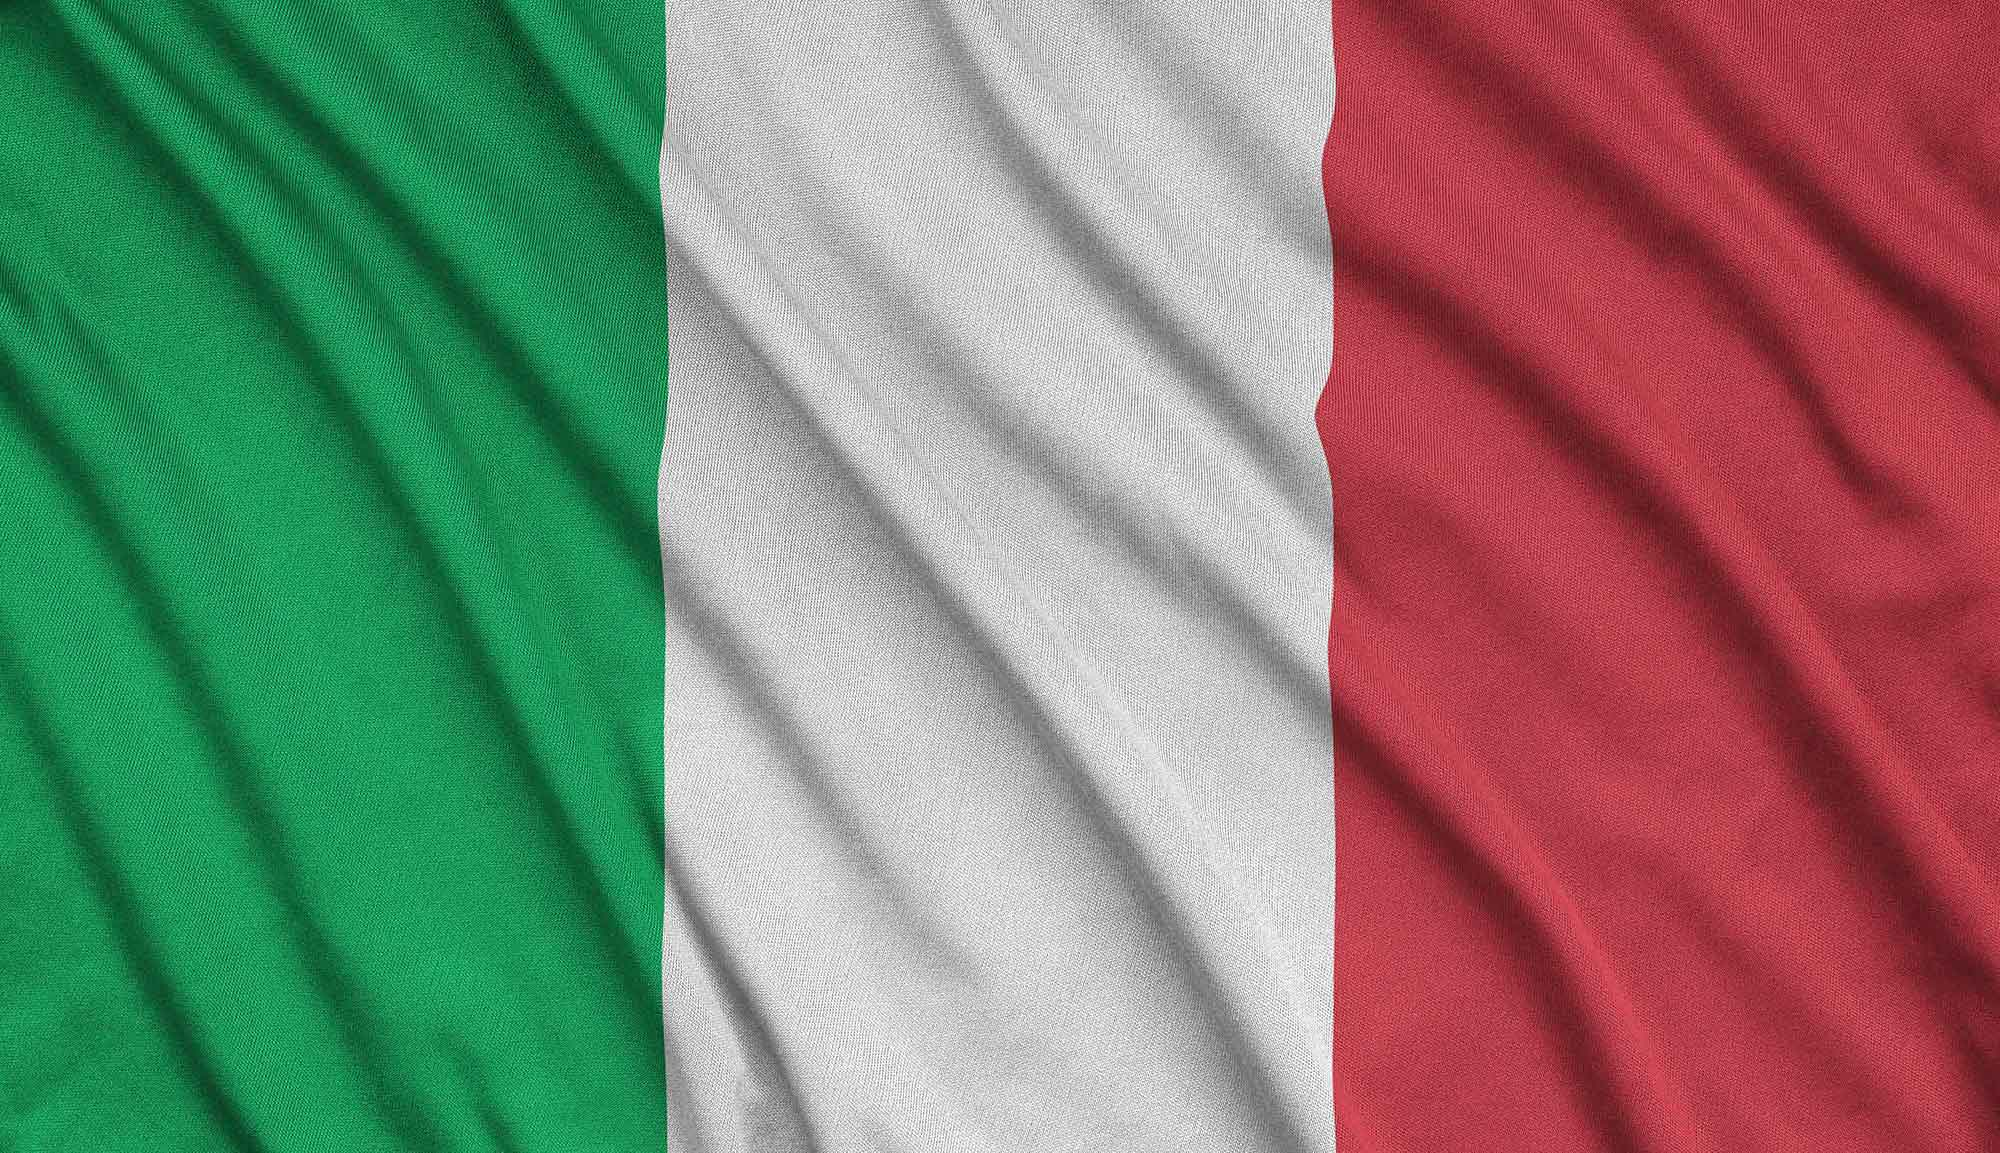 Schauen Sie sich die Weinauswahl aus Italien an